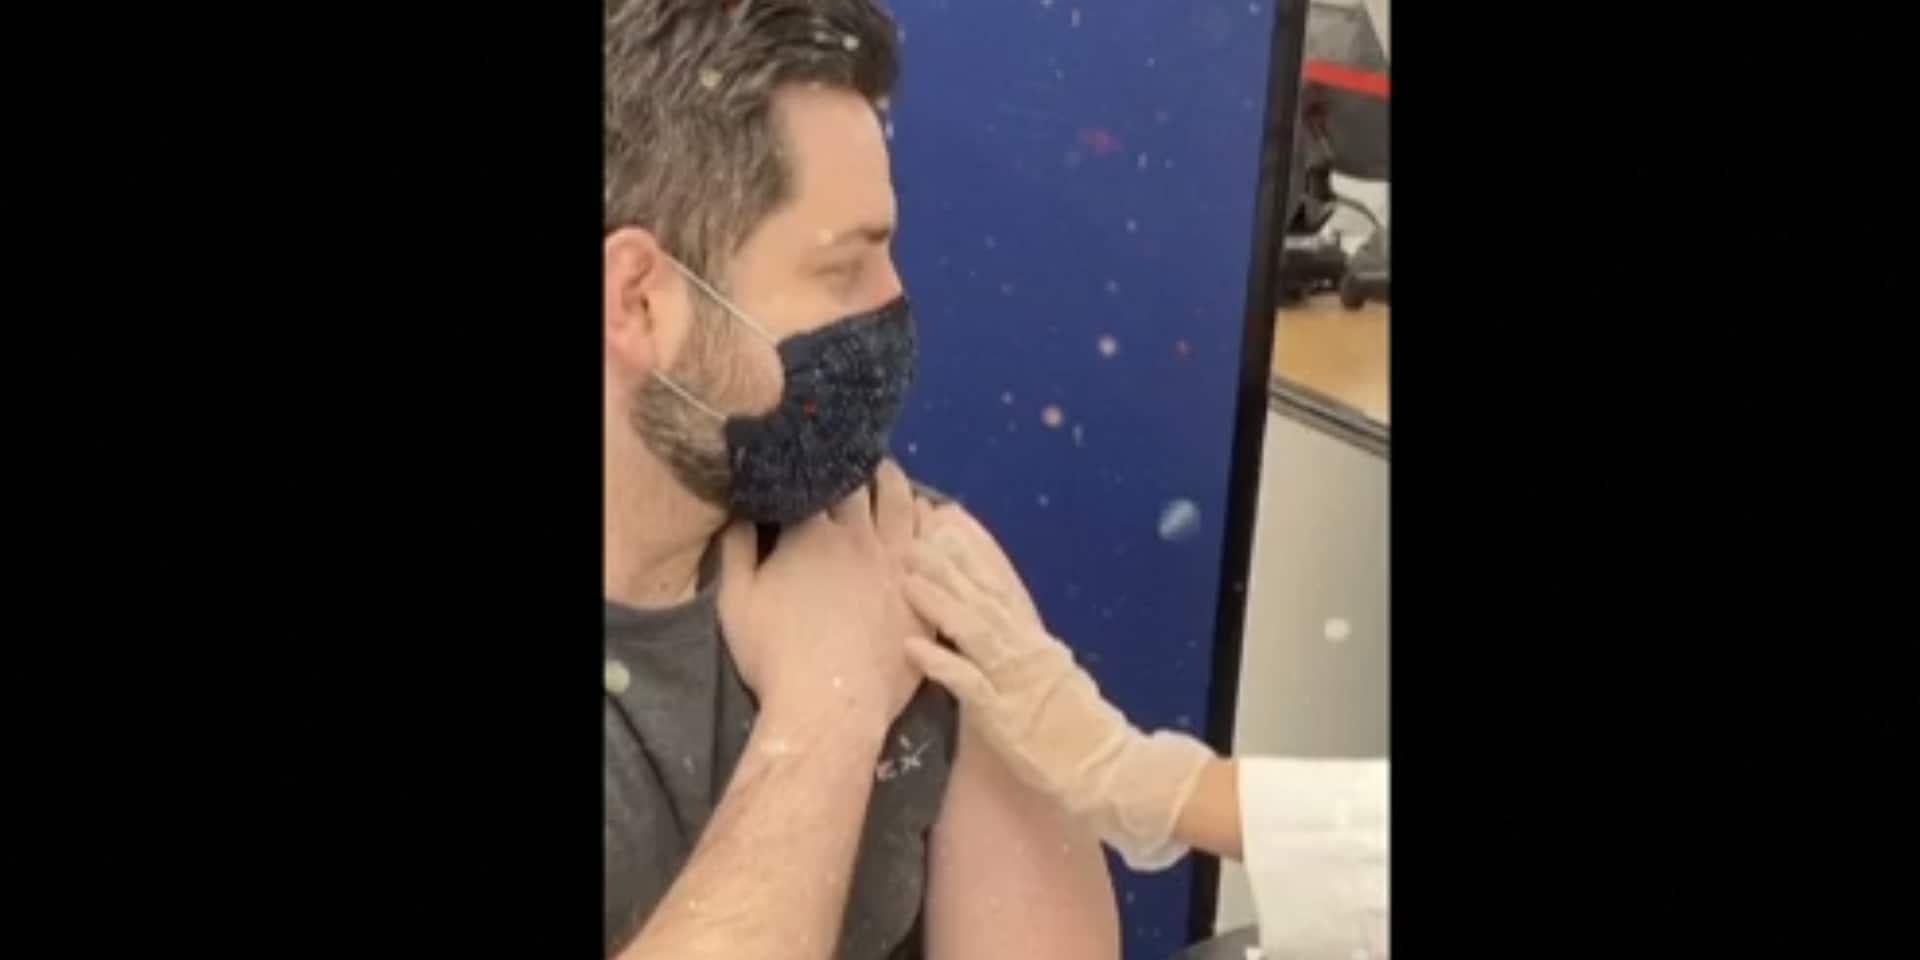 La vidéo de cet étudiant recevant un vaccin contre le coronavirus en avance devient virale